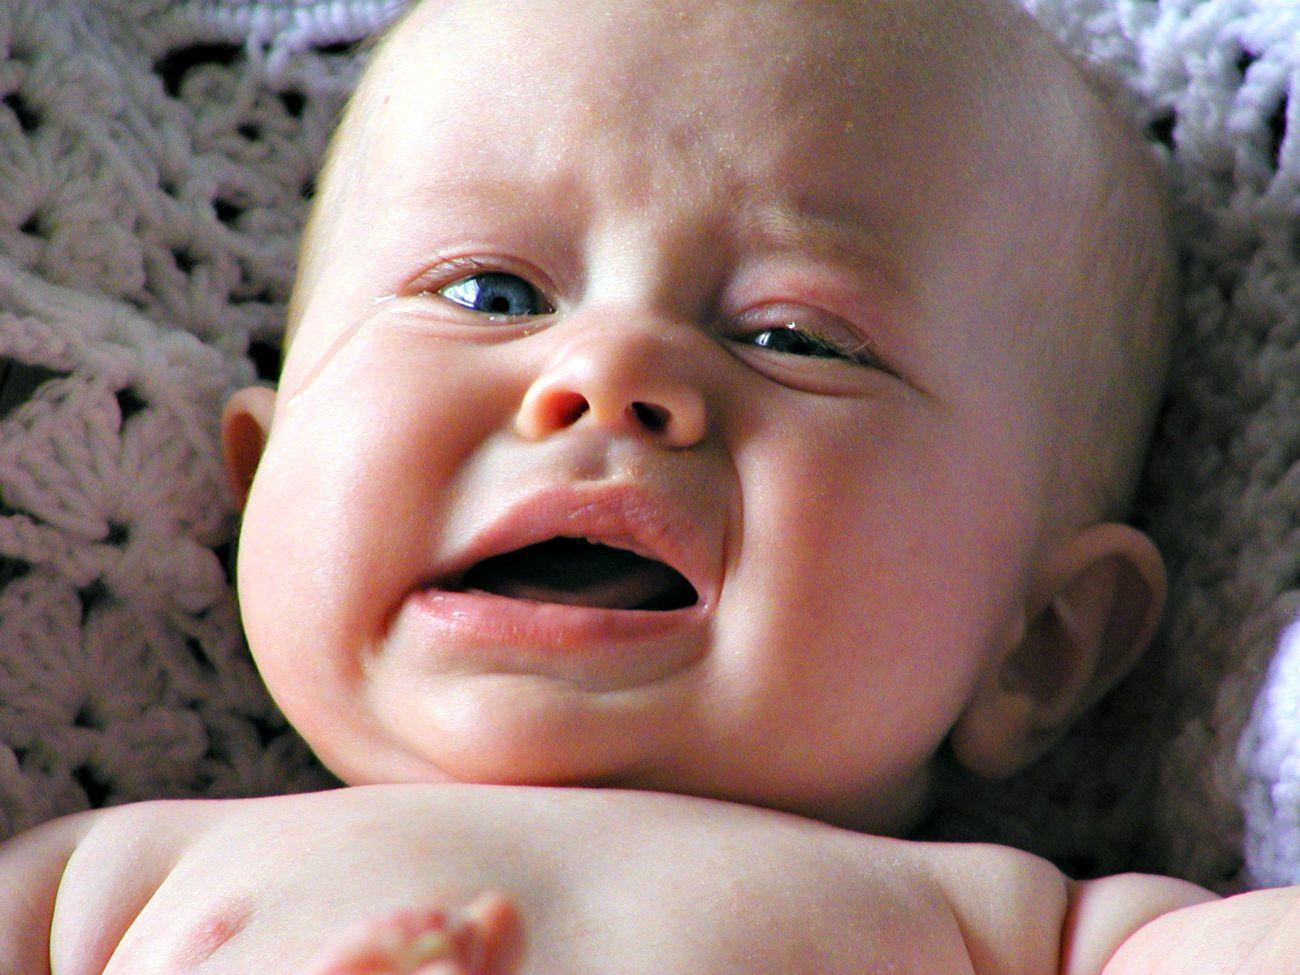 Почему ребёнок хрюкает когда плачет